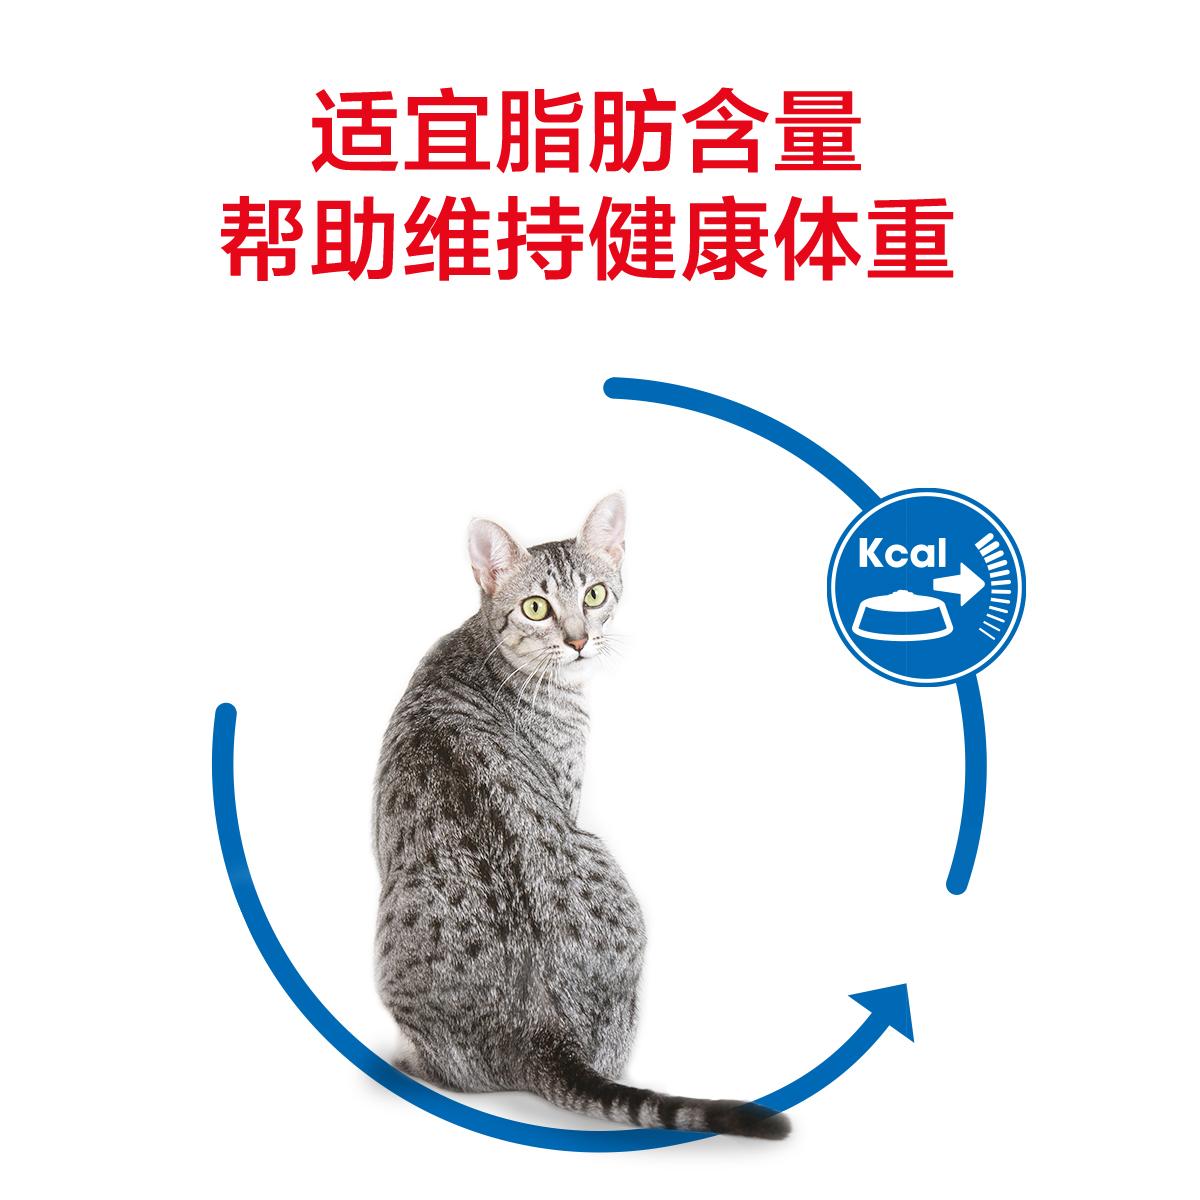 皇家猫粮I27室内成年猫粮2KG天然去毛球猫咪主粮增肥发腮蓝猫英短优惠券